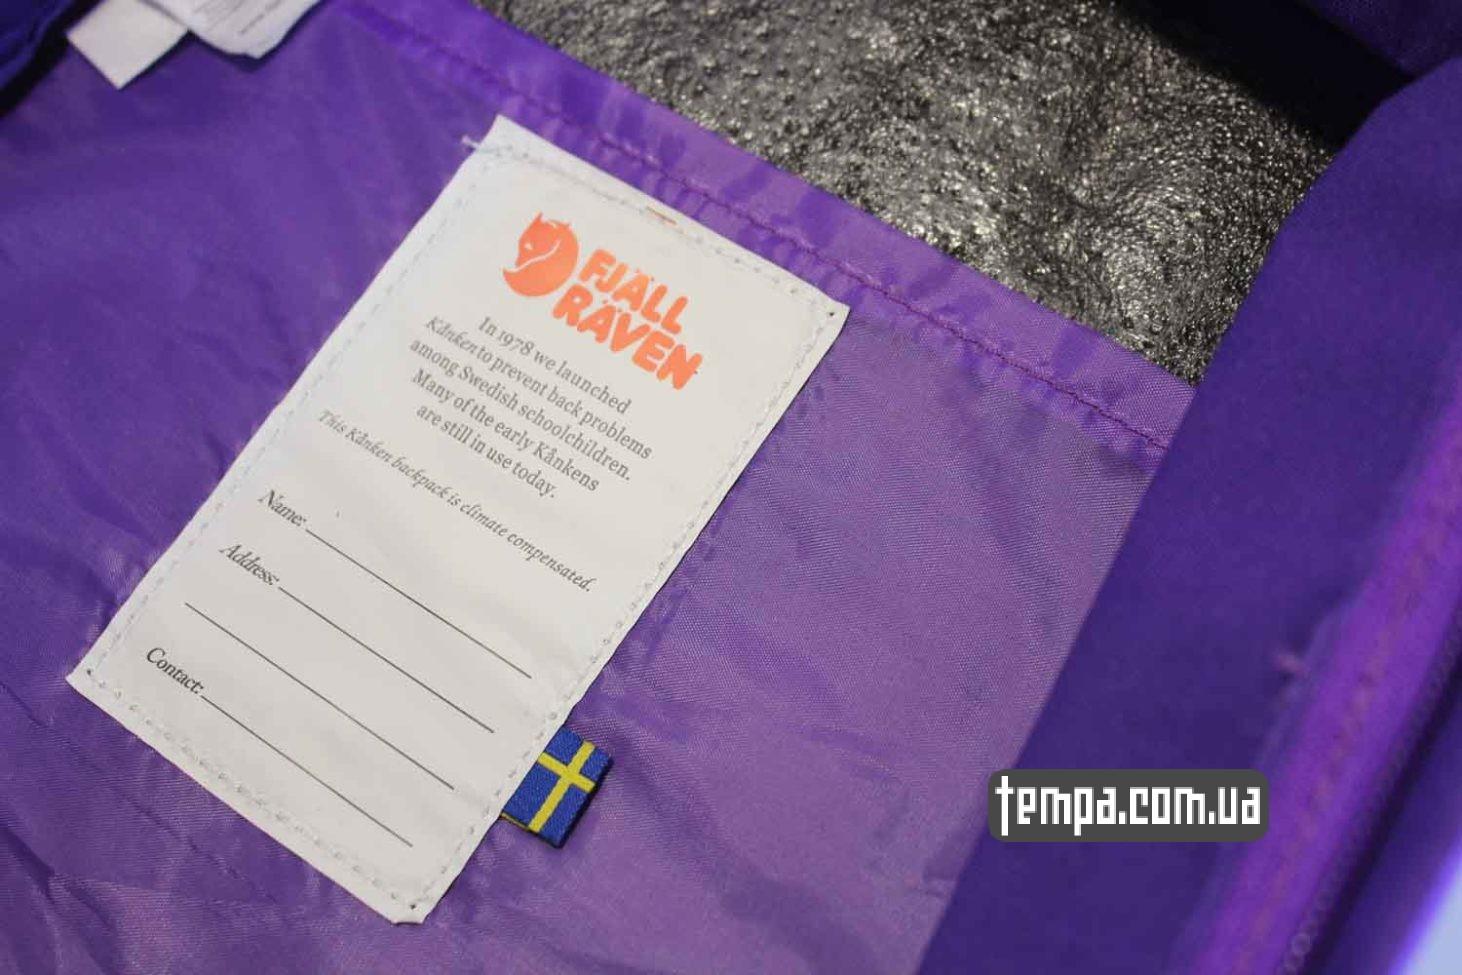 реканкен купить рюкзак re kanken fjallraven purple сиреневый фиолетовый